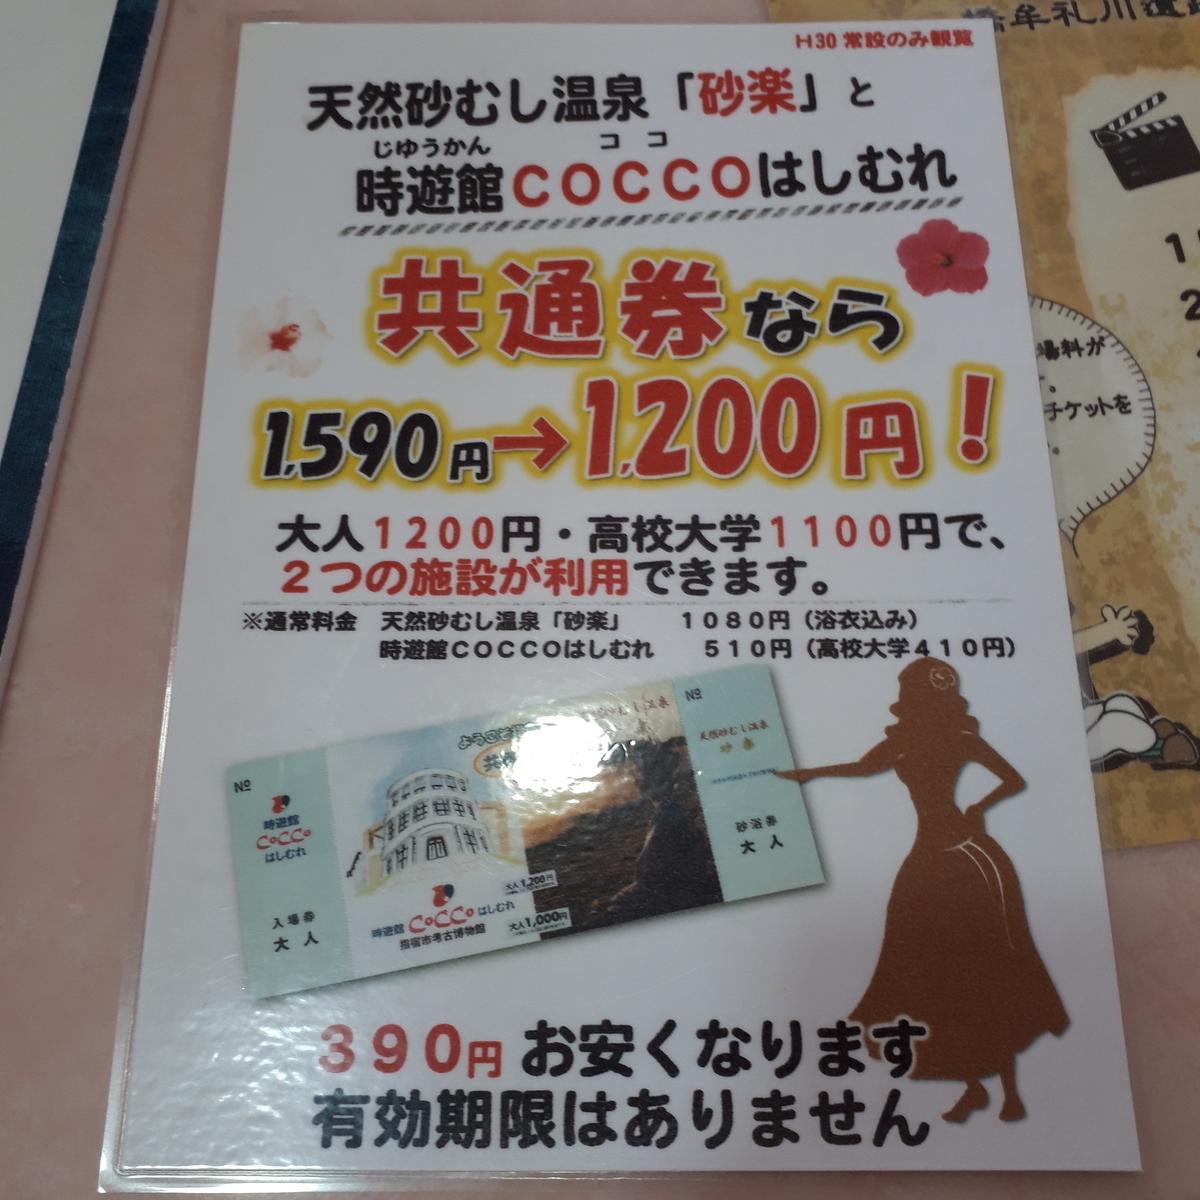 COCCOはしむれ 天然砂蒸し砂楽 共通券